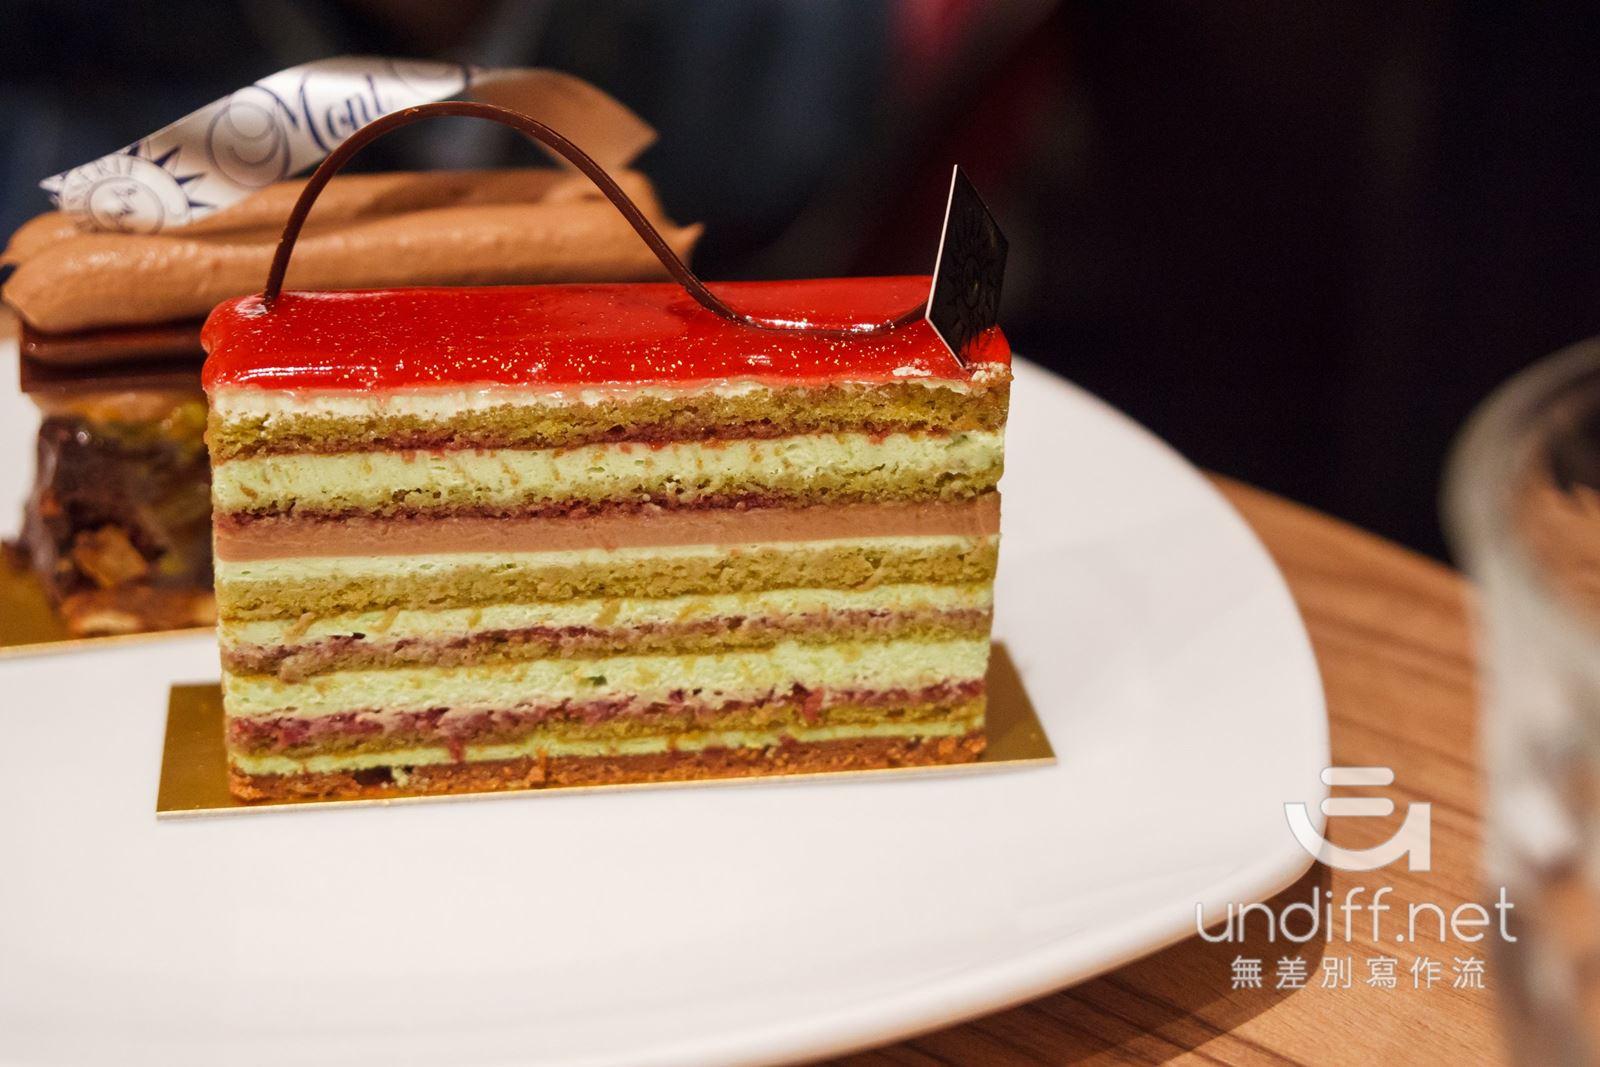 【東京美食】自由之丘 Mont St. Clair 》名不虛傳的人氣甜點名店 36